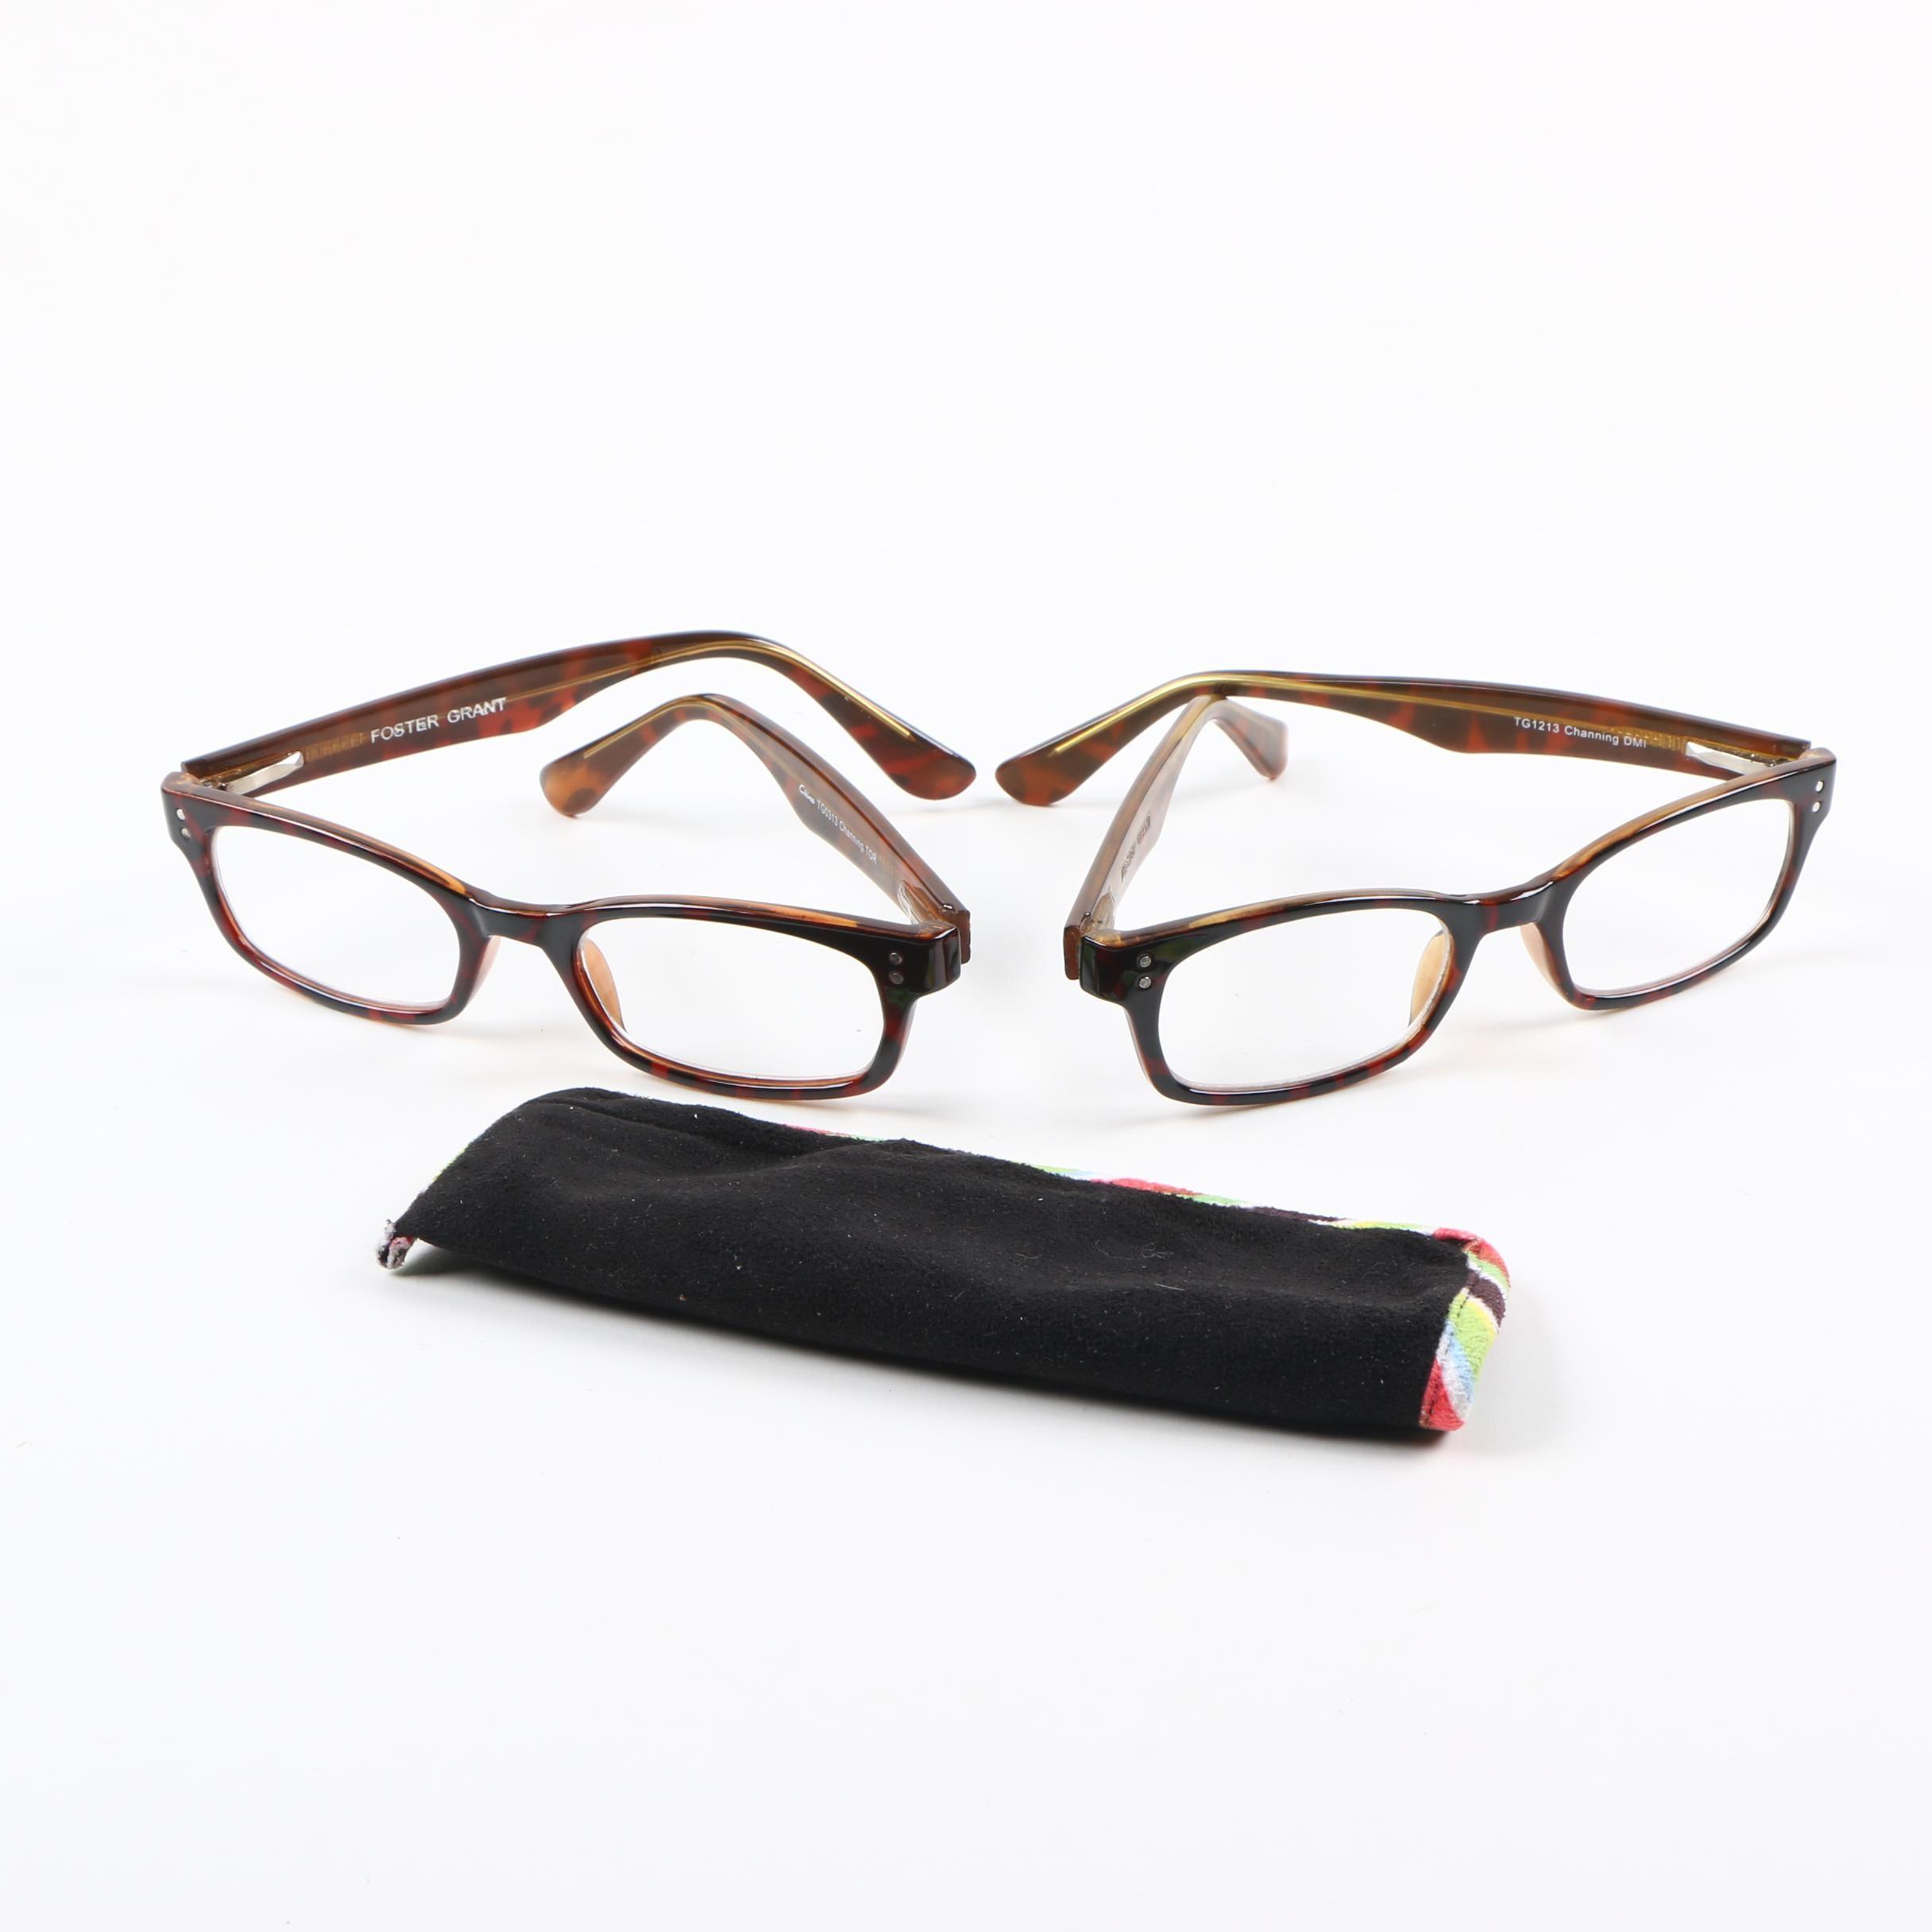 Foster Grant Tortoise Style Reading Glasses